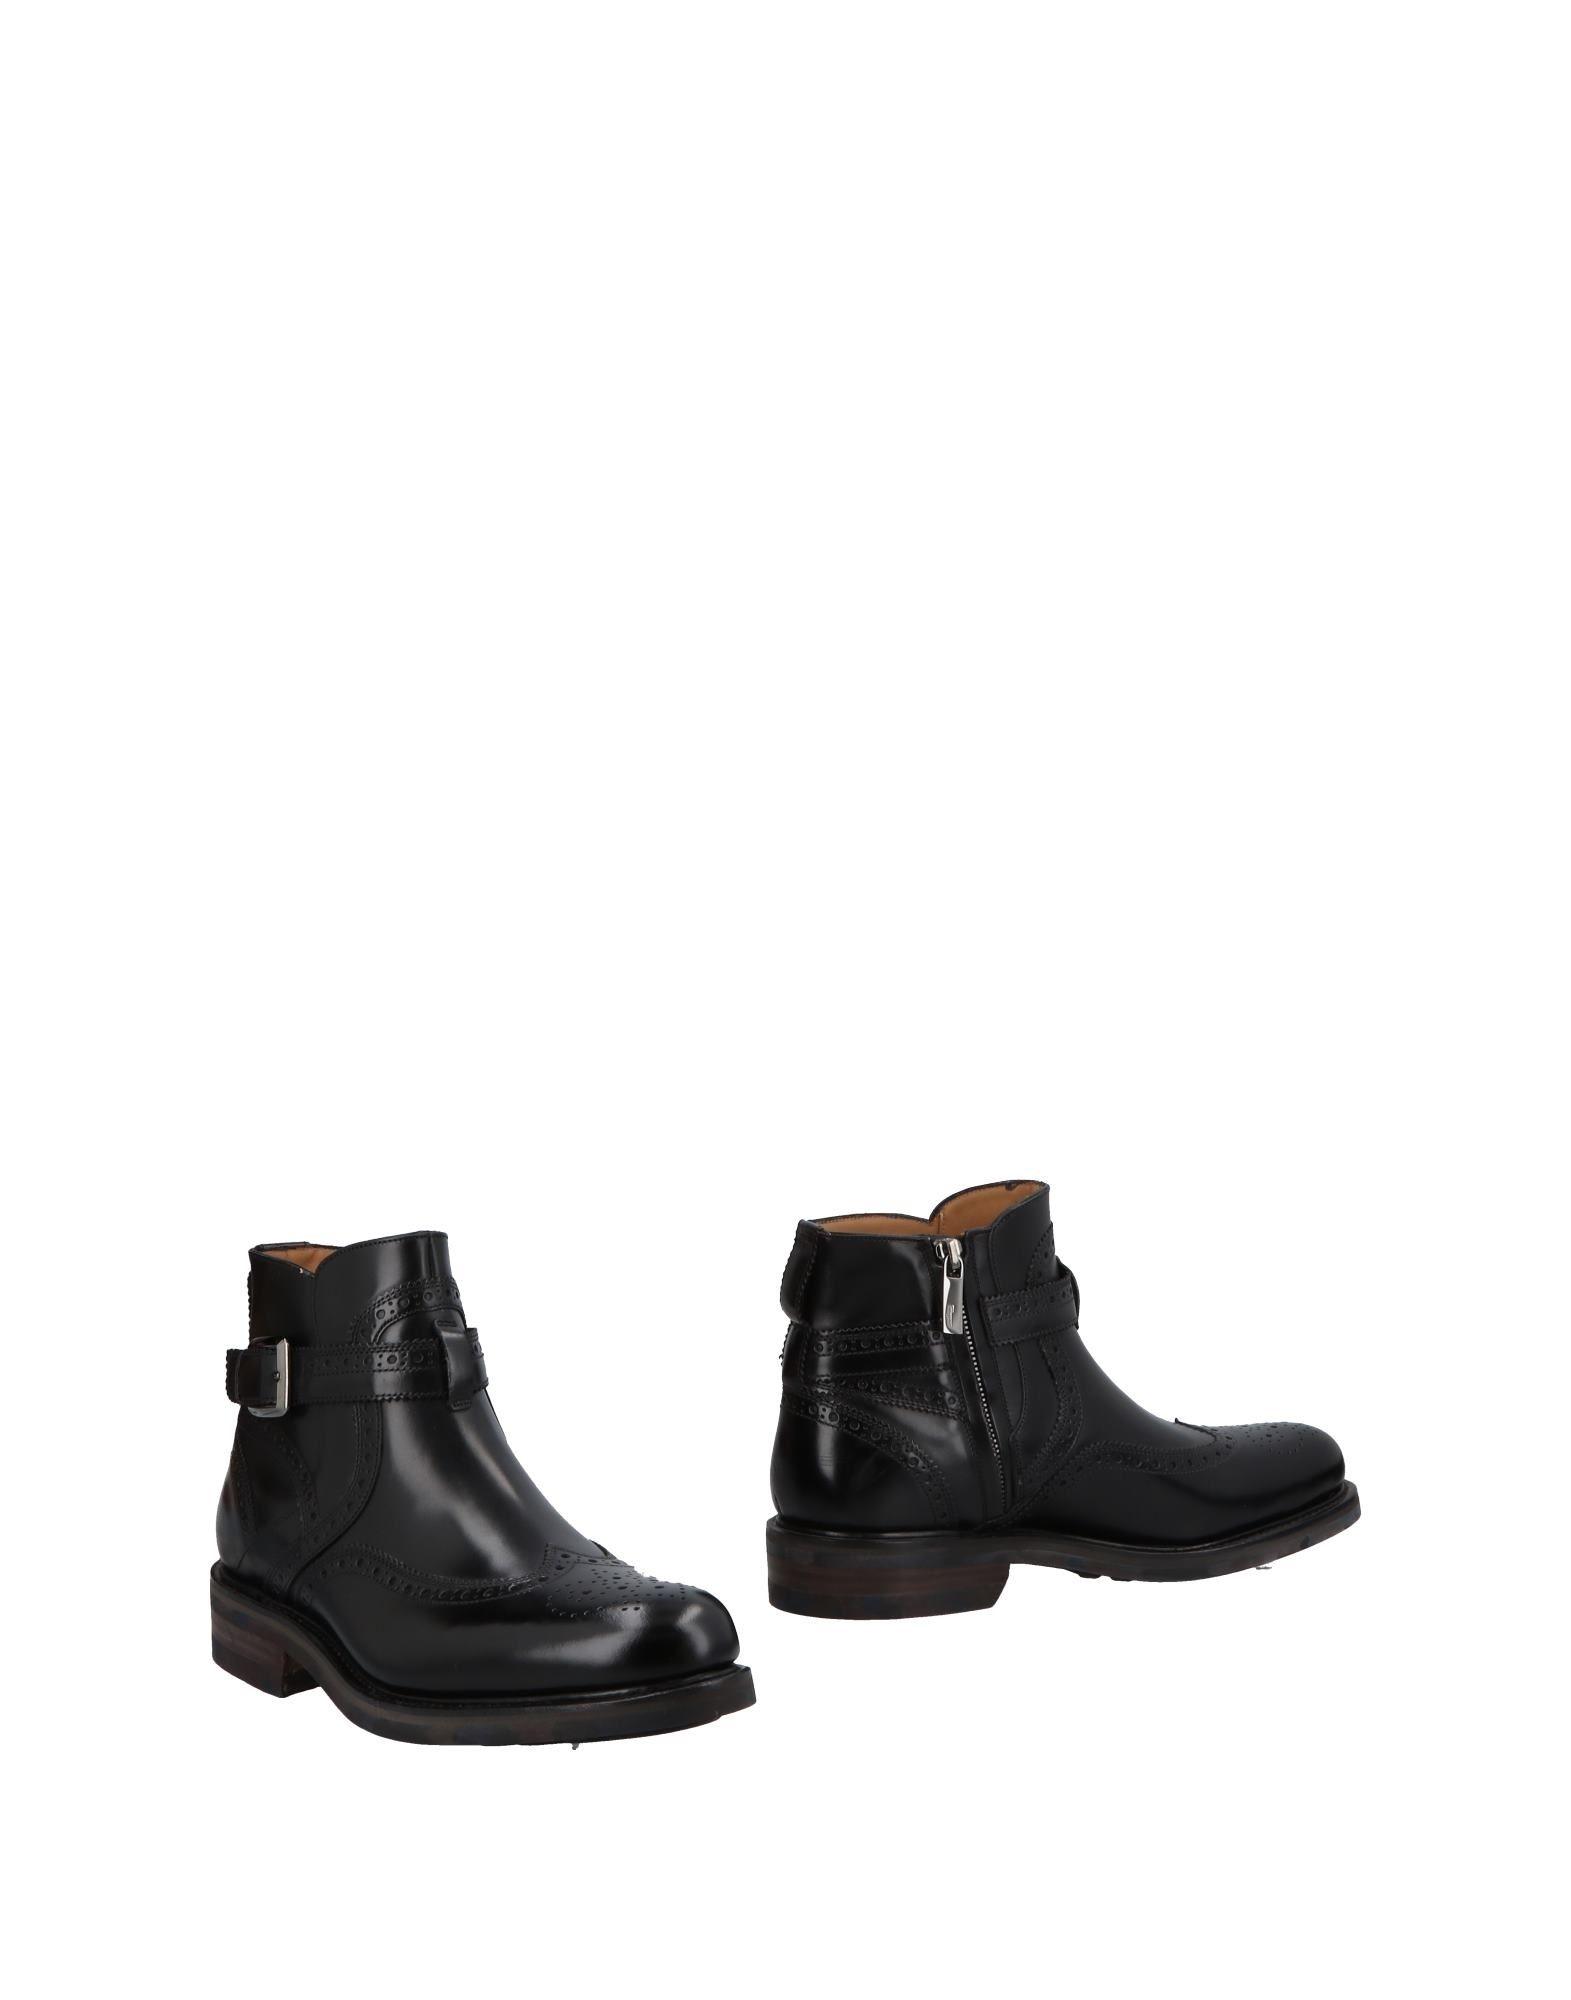 Salvatore Ferragamo Stiefelette Herren beliebte  11483579ME Gute Qualität beliebte Herren Schuhe 546b44